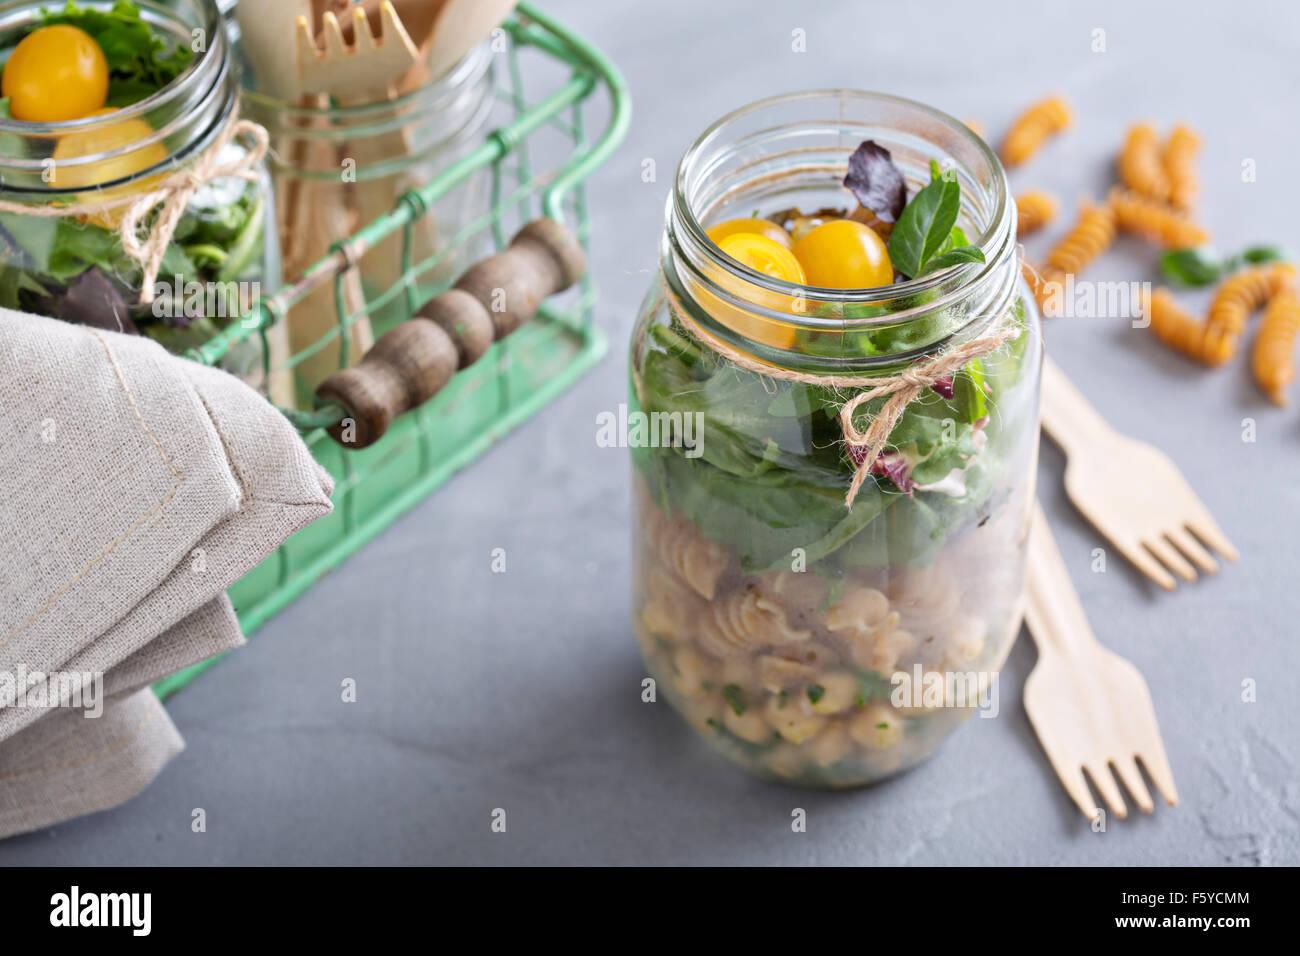 Dans un bocal de salade avec des pâtes et pois chiches food to go Photo Stock